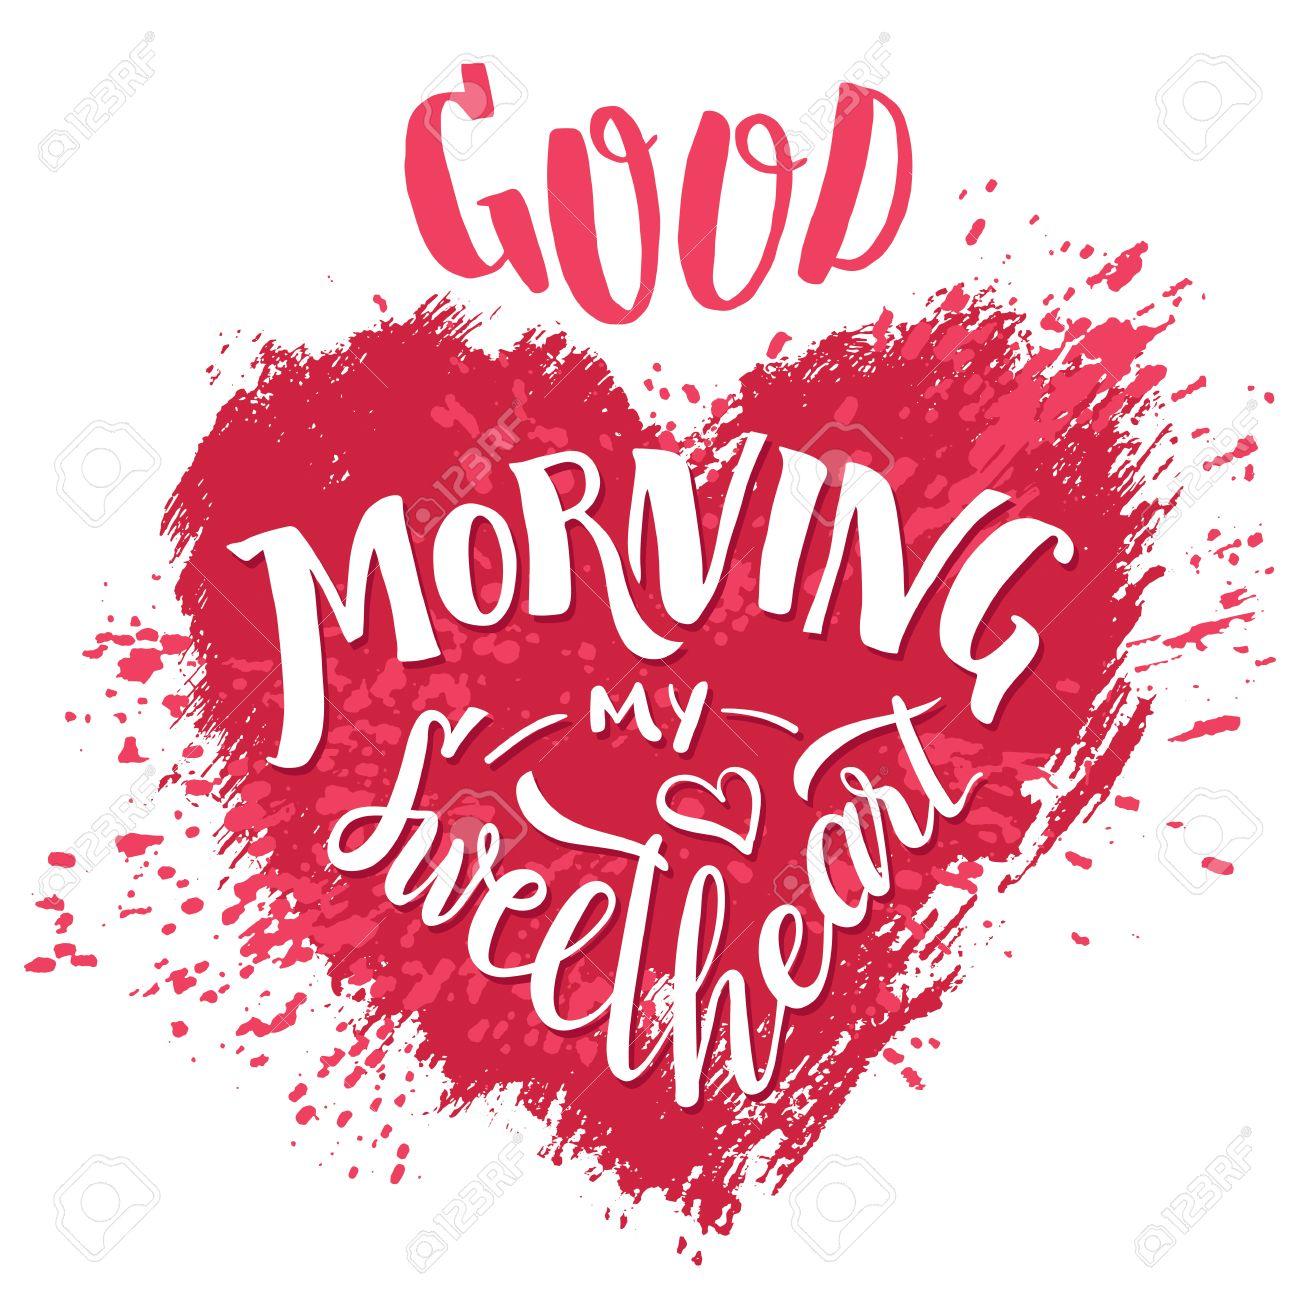 Guten Morgen Mein Schatz Hand Schriftzug Valentinstag Grußkarte